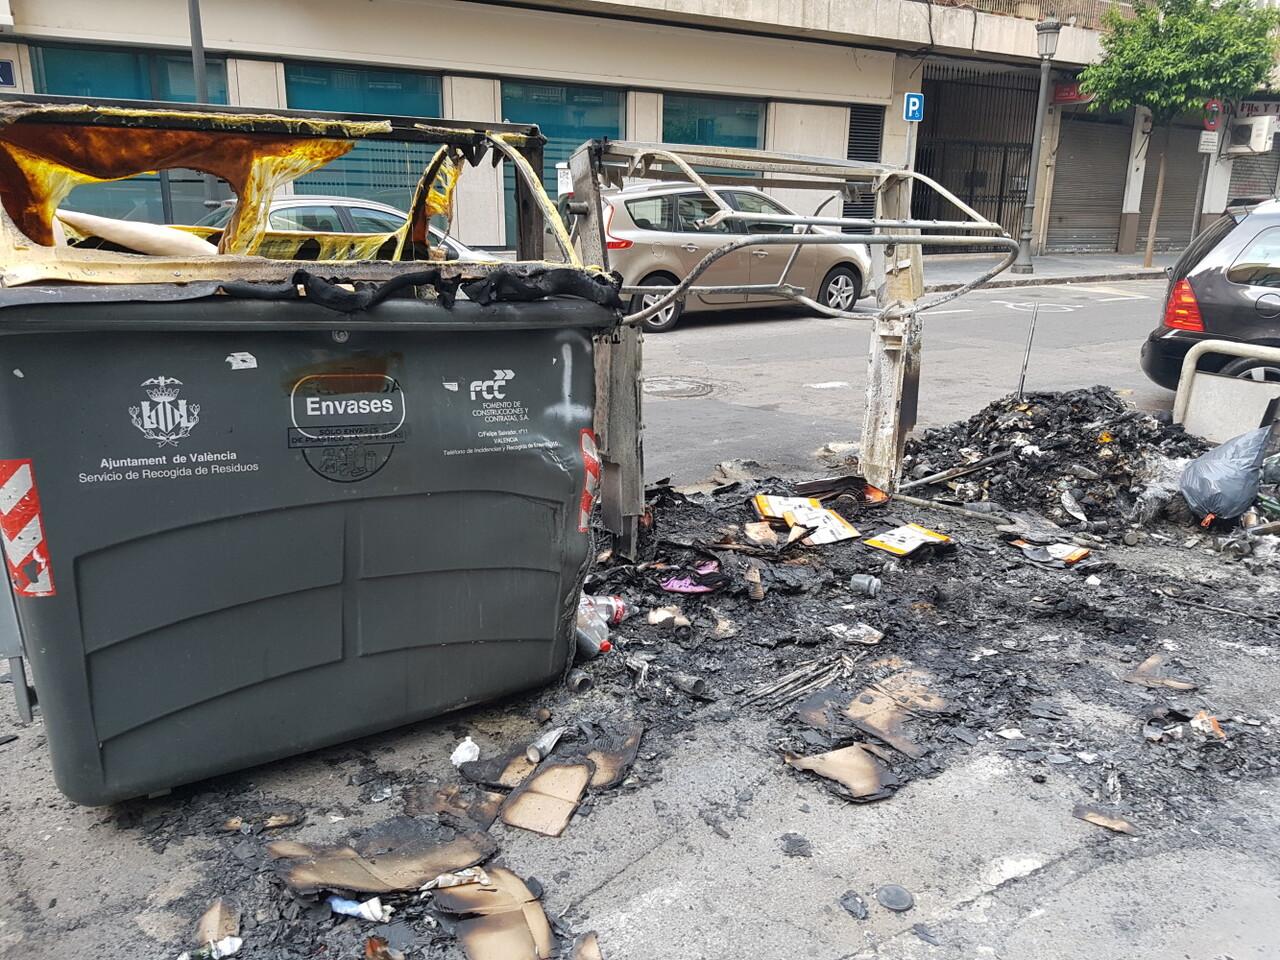 Arden trescontenedores en la calle Visitación de Valencia 20170423_191807 (3)